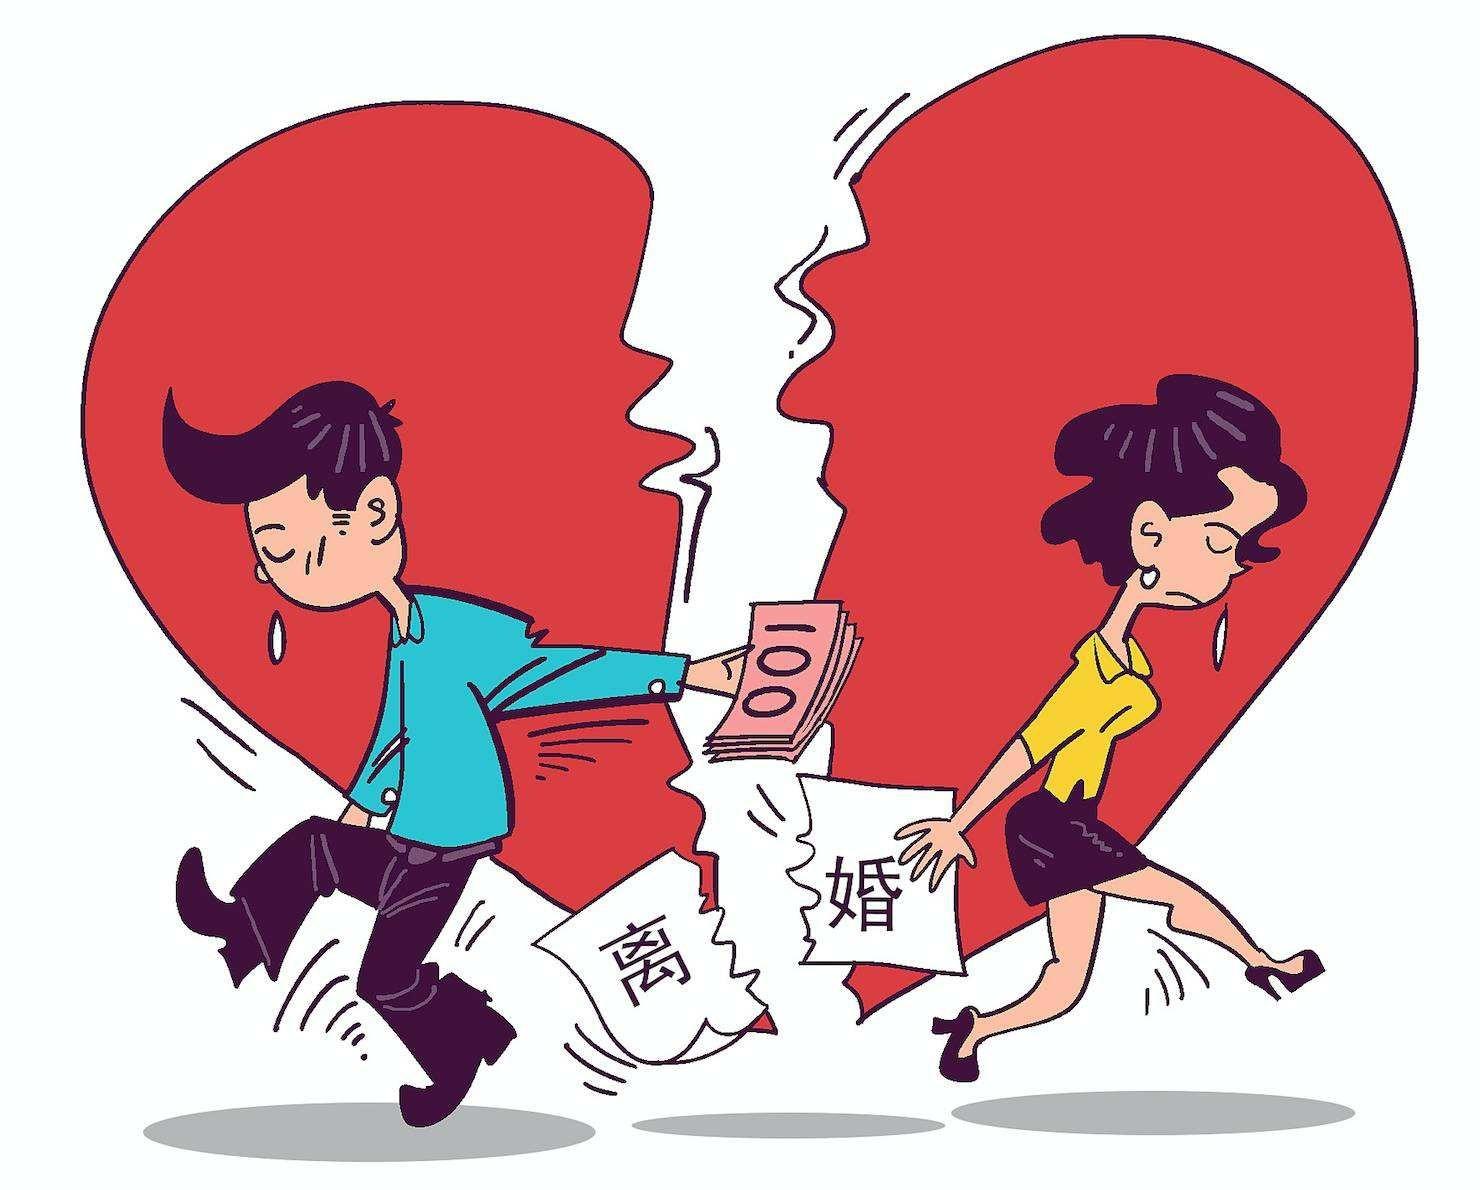 【求助】男方平时不管家、不出钱,离婚张口要50万,这个婚怎么离女方的损失才能最小?